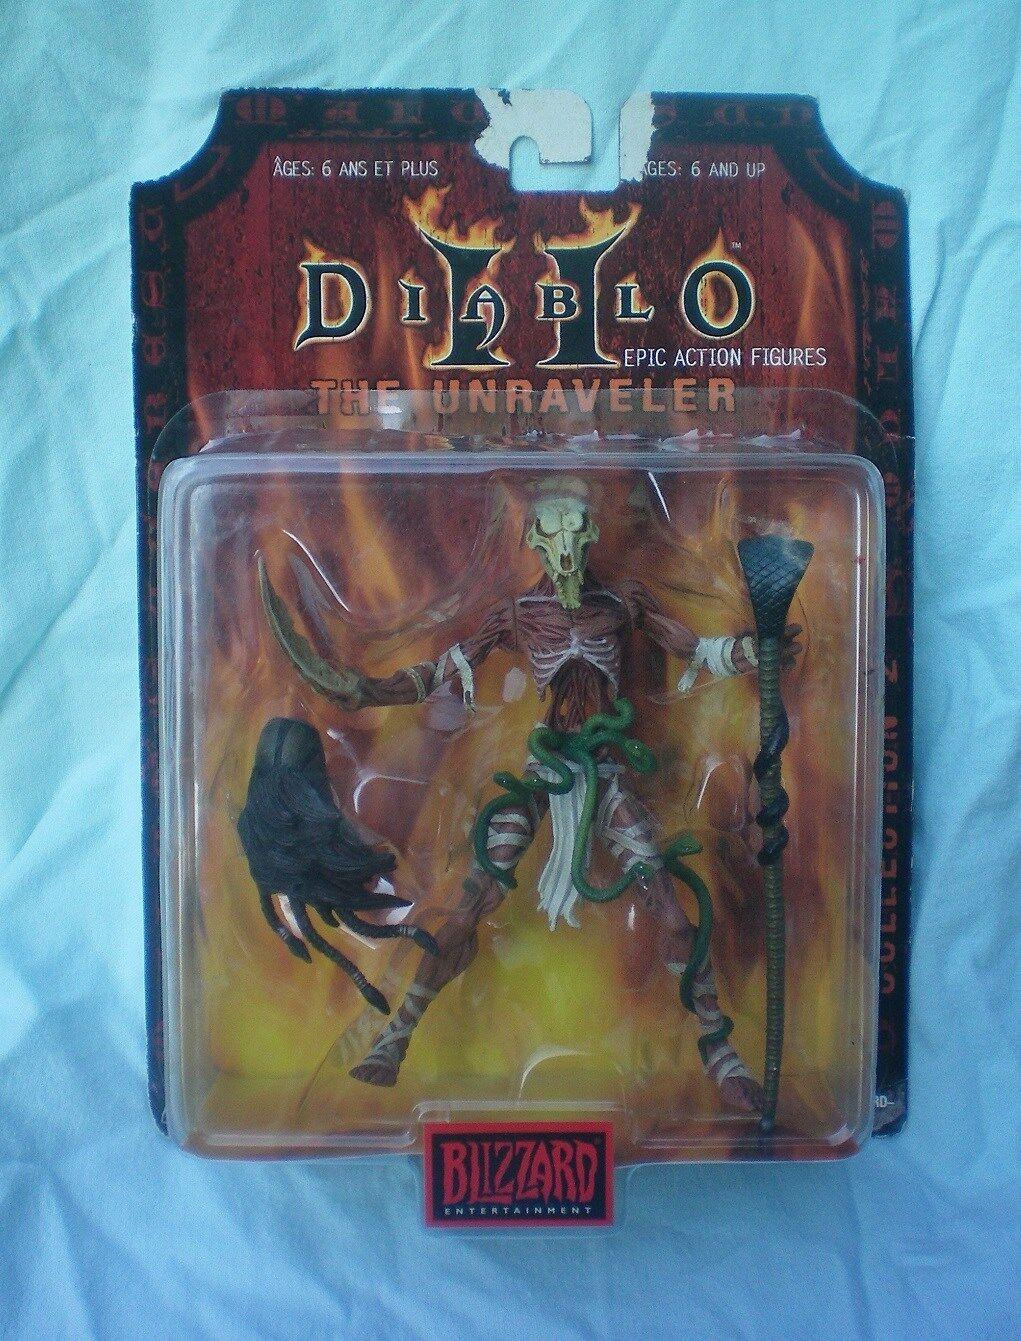 Diablo 2 unraveler collection 2 epischen action - figuren von blizzard entertainment, selten